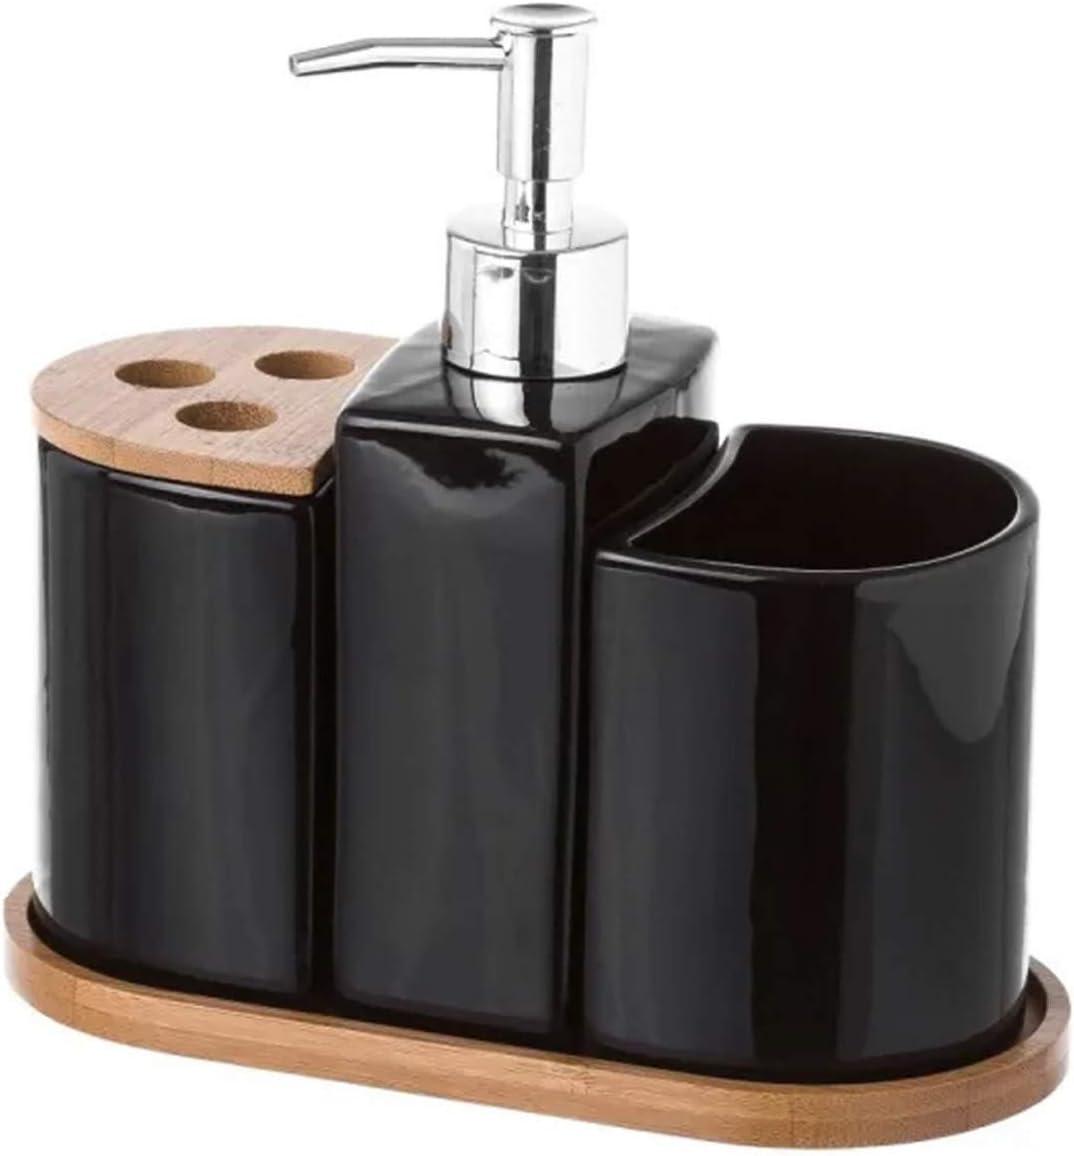 Juego de Baño de 3 Piezas, realizado en Cerámica y Bambú, de Color Negro. Diseño Limpio, con Estilo Minimalista - Hogar y Más